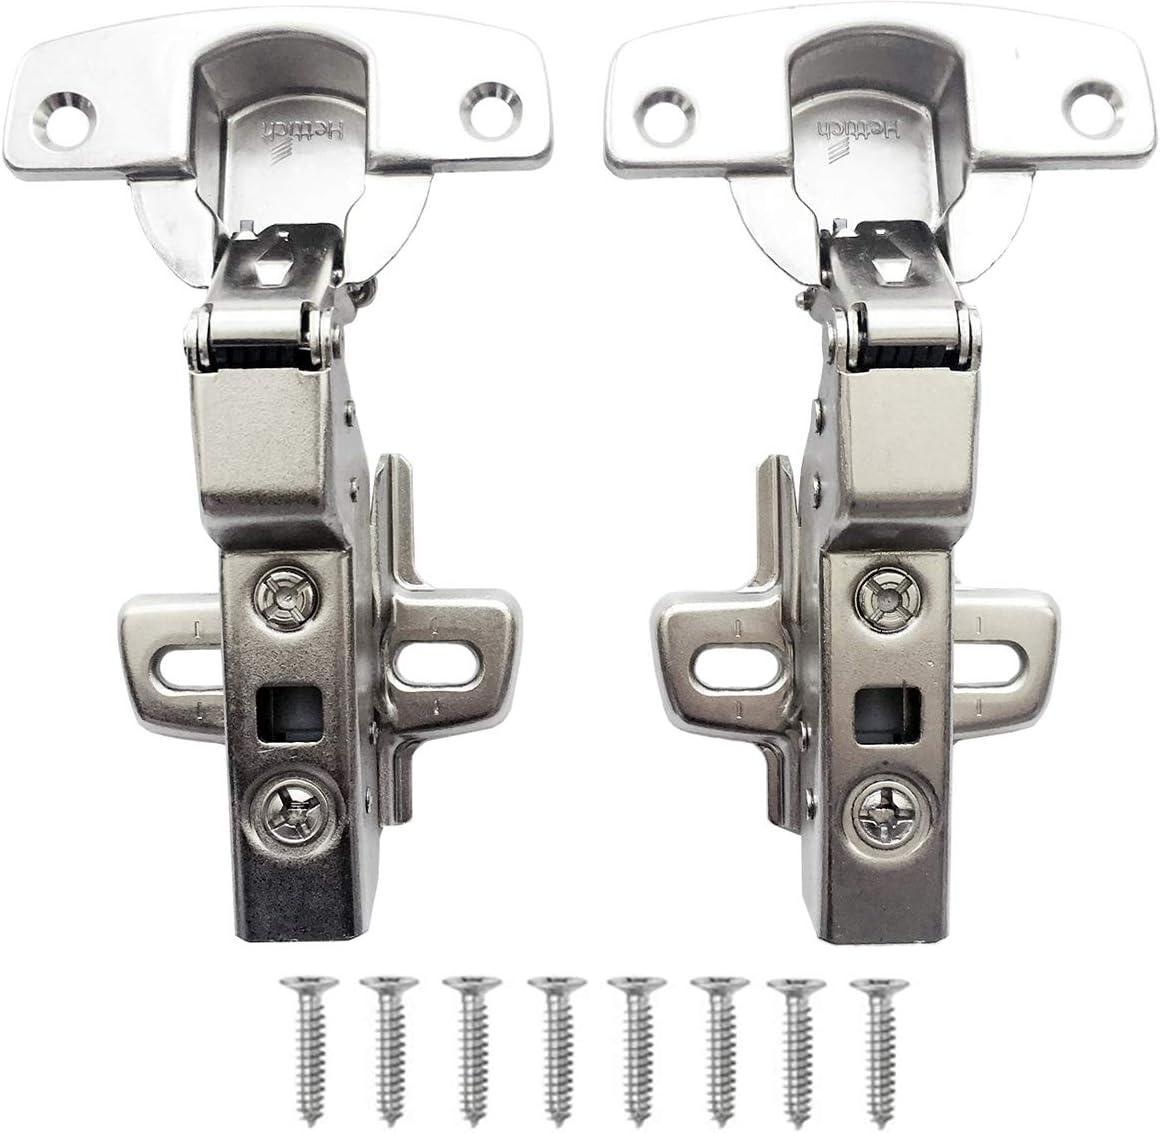 Hettich Sensys 8645i TH52 110 Grado Arremetida Bisagra 9071207 Automática con Amortiguación Integrada Mecanismo de Cierre Automático para Puerta Mueble Armario Juego de 2